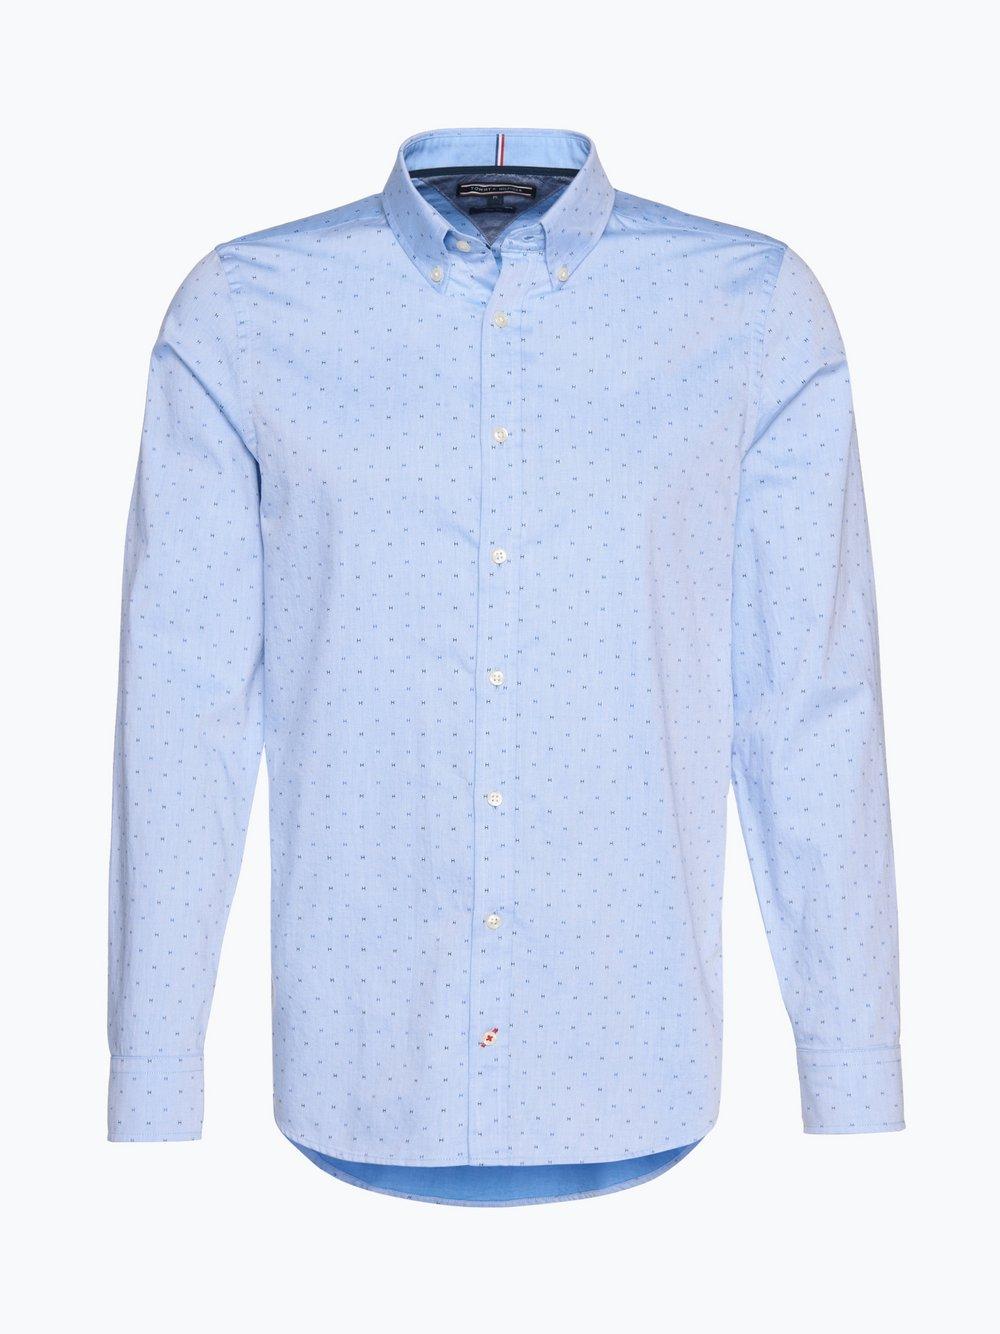 3e0ddb83c98f Tommy Hilfiger Herren Hemd  2  online kaufen   PEEK-UND-CLOPPENBURG.DE